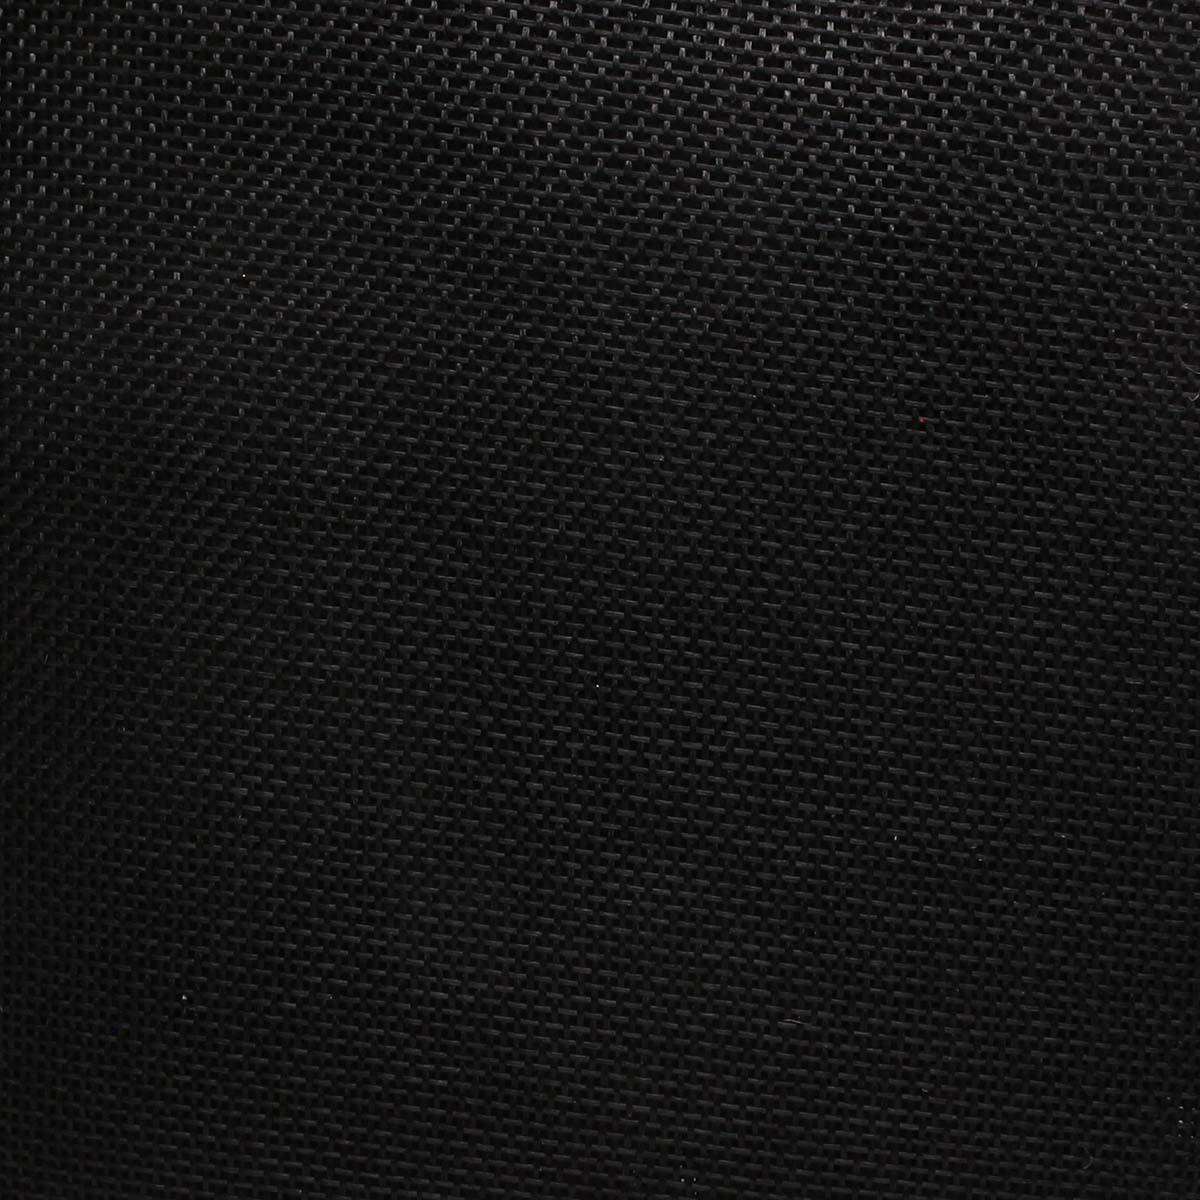 2AR111 Рогожка 100% полиэстер 48*50см (черный)